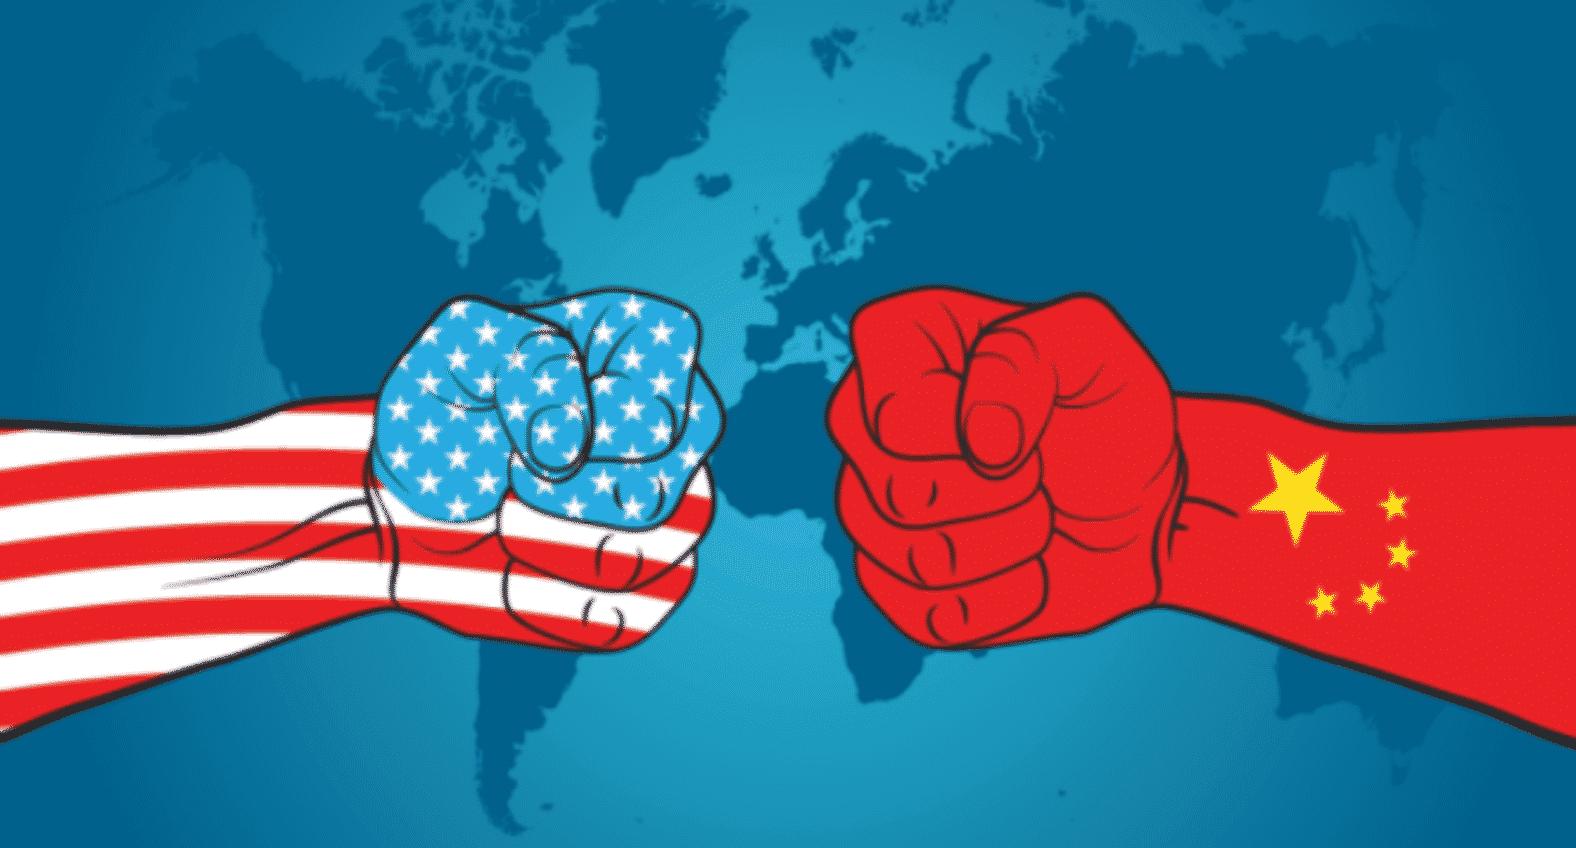 ΗΠΑ - Κίνα: Η μάχη που αφορά άμεσα την Ευρώπη • Armyvoice.gr